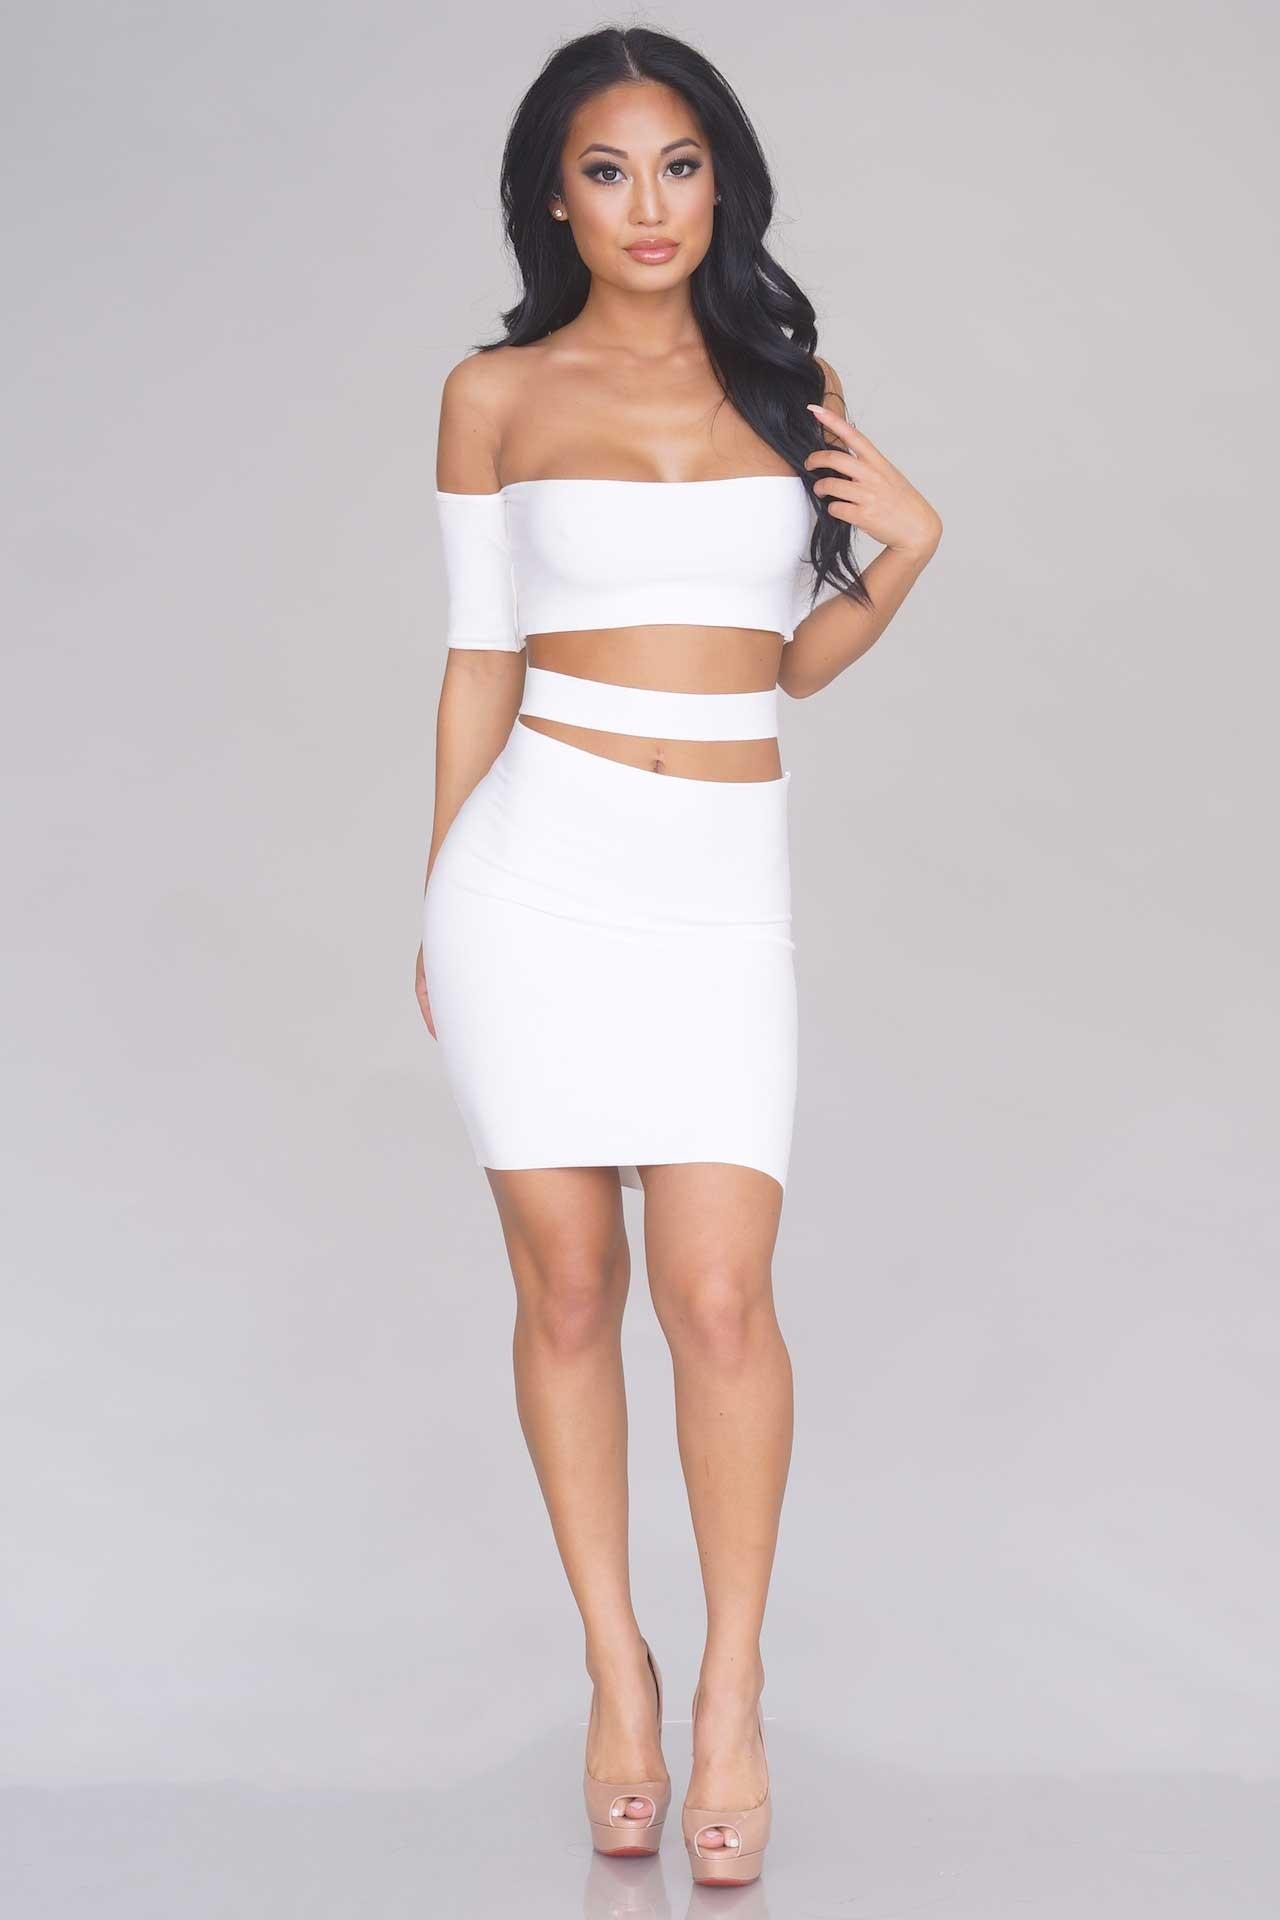 d7fbc6bd46d7 Off The Shoulder Cutout Dress – Off White